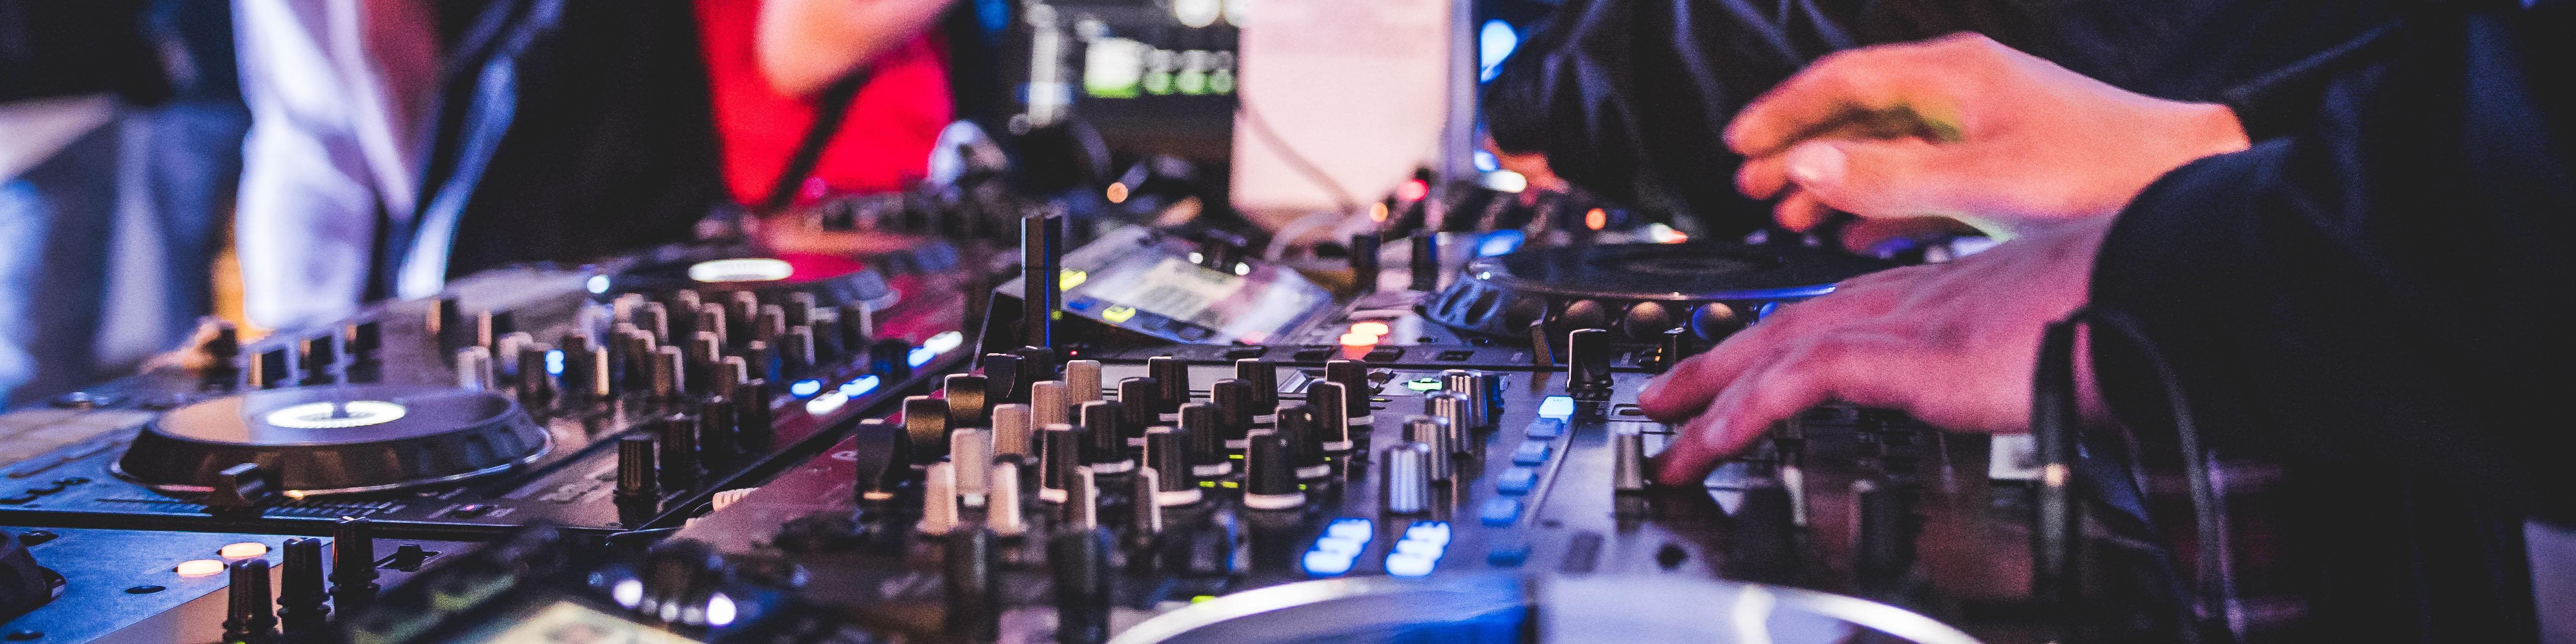 Kurs DJ - WSDJ Studio